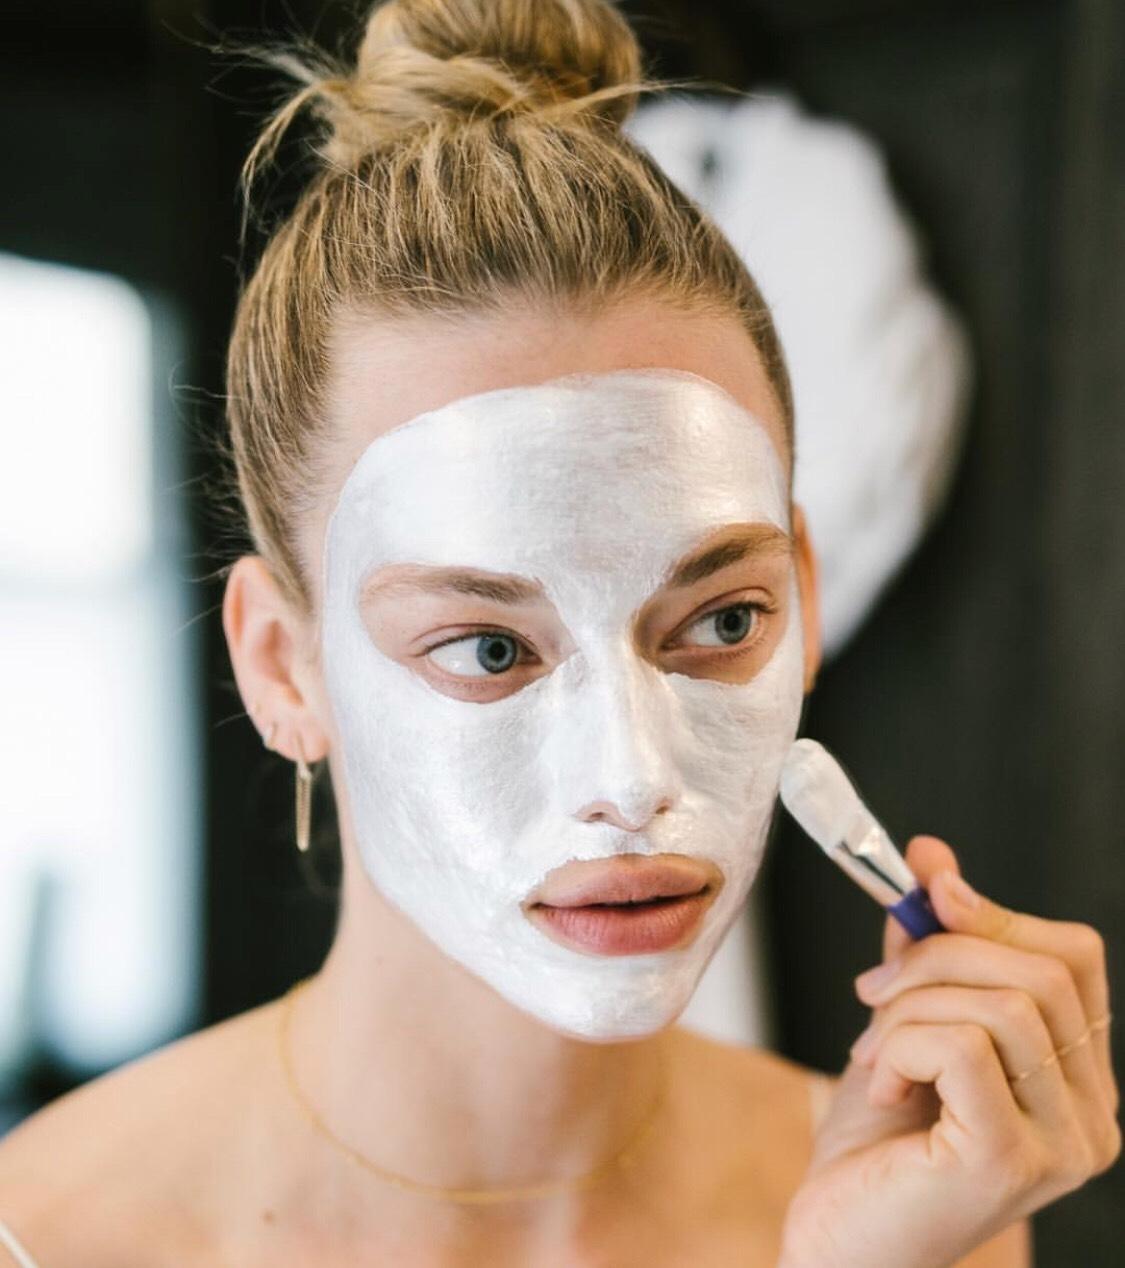 膏狀面膜出頭天,最近好需要面膜進補,就來幫肌膚混搭分區敷膜吧